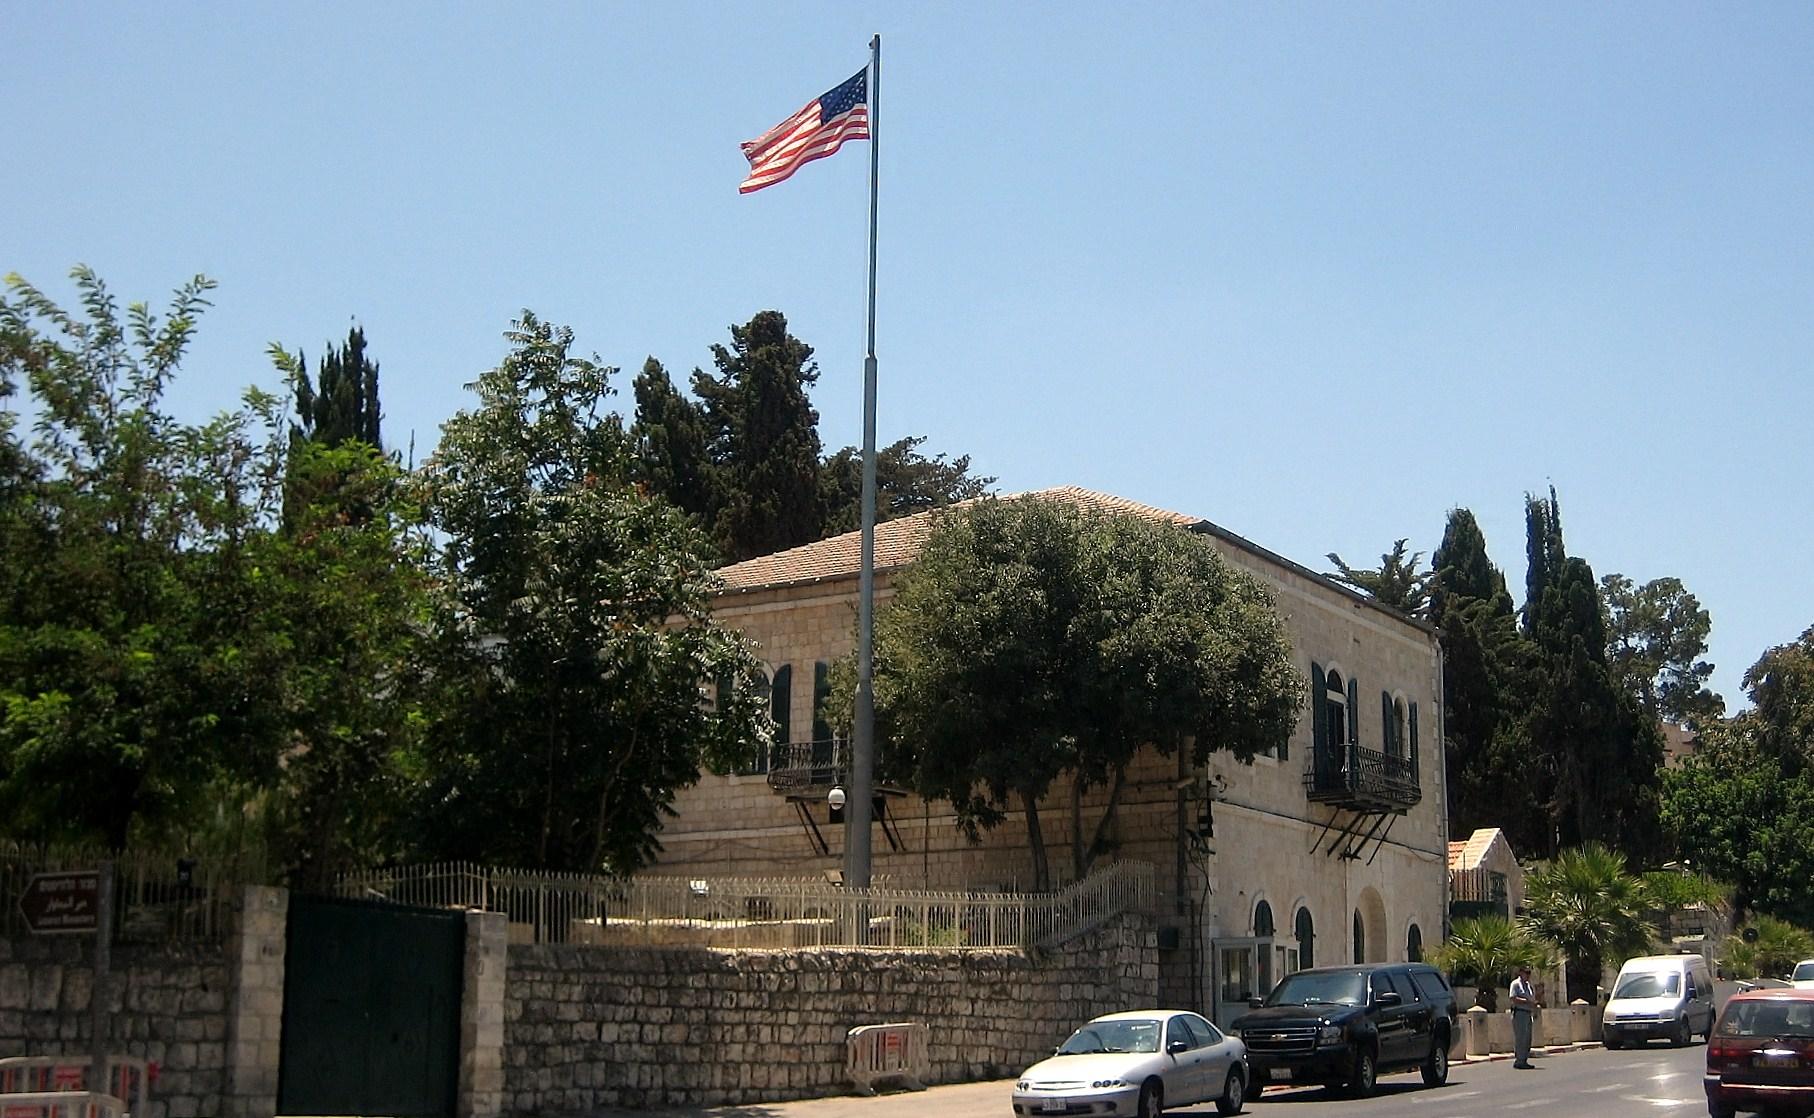 耶路撒冷當地時間4日早上,美國駐耶路撒冷總領館關閉,併入美國駐以色列大使館。圖為美國駐以色列大使館。(維基百科公有領域)